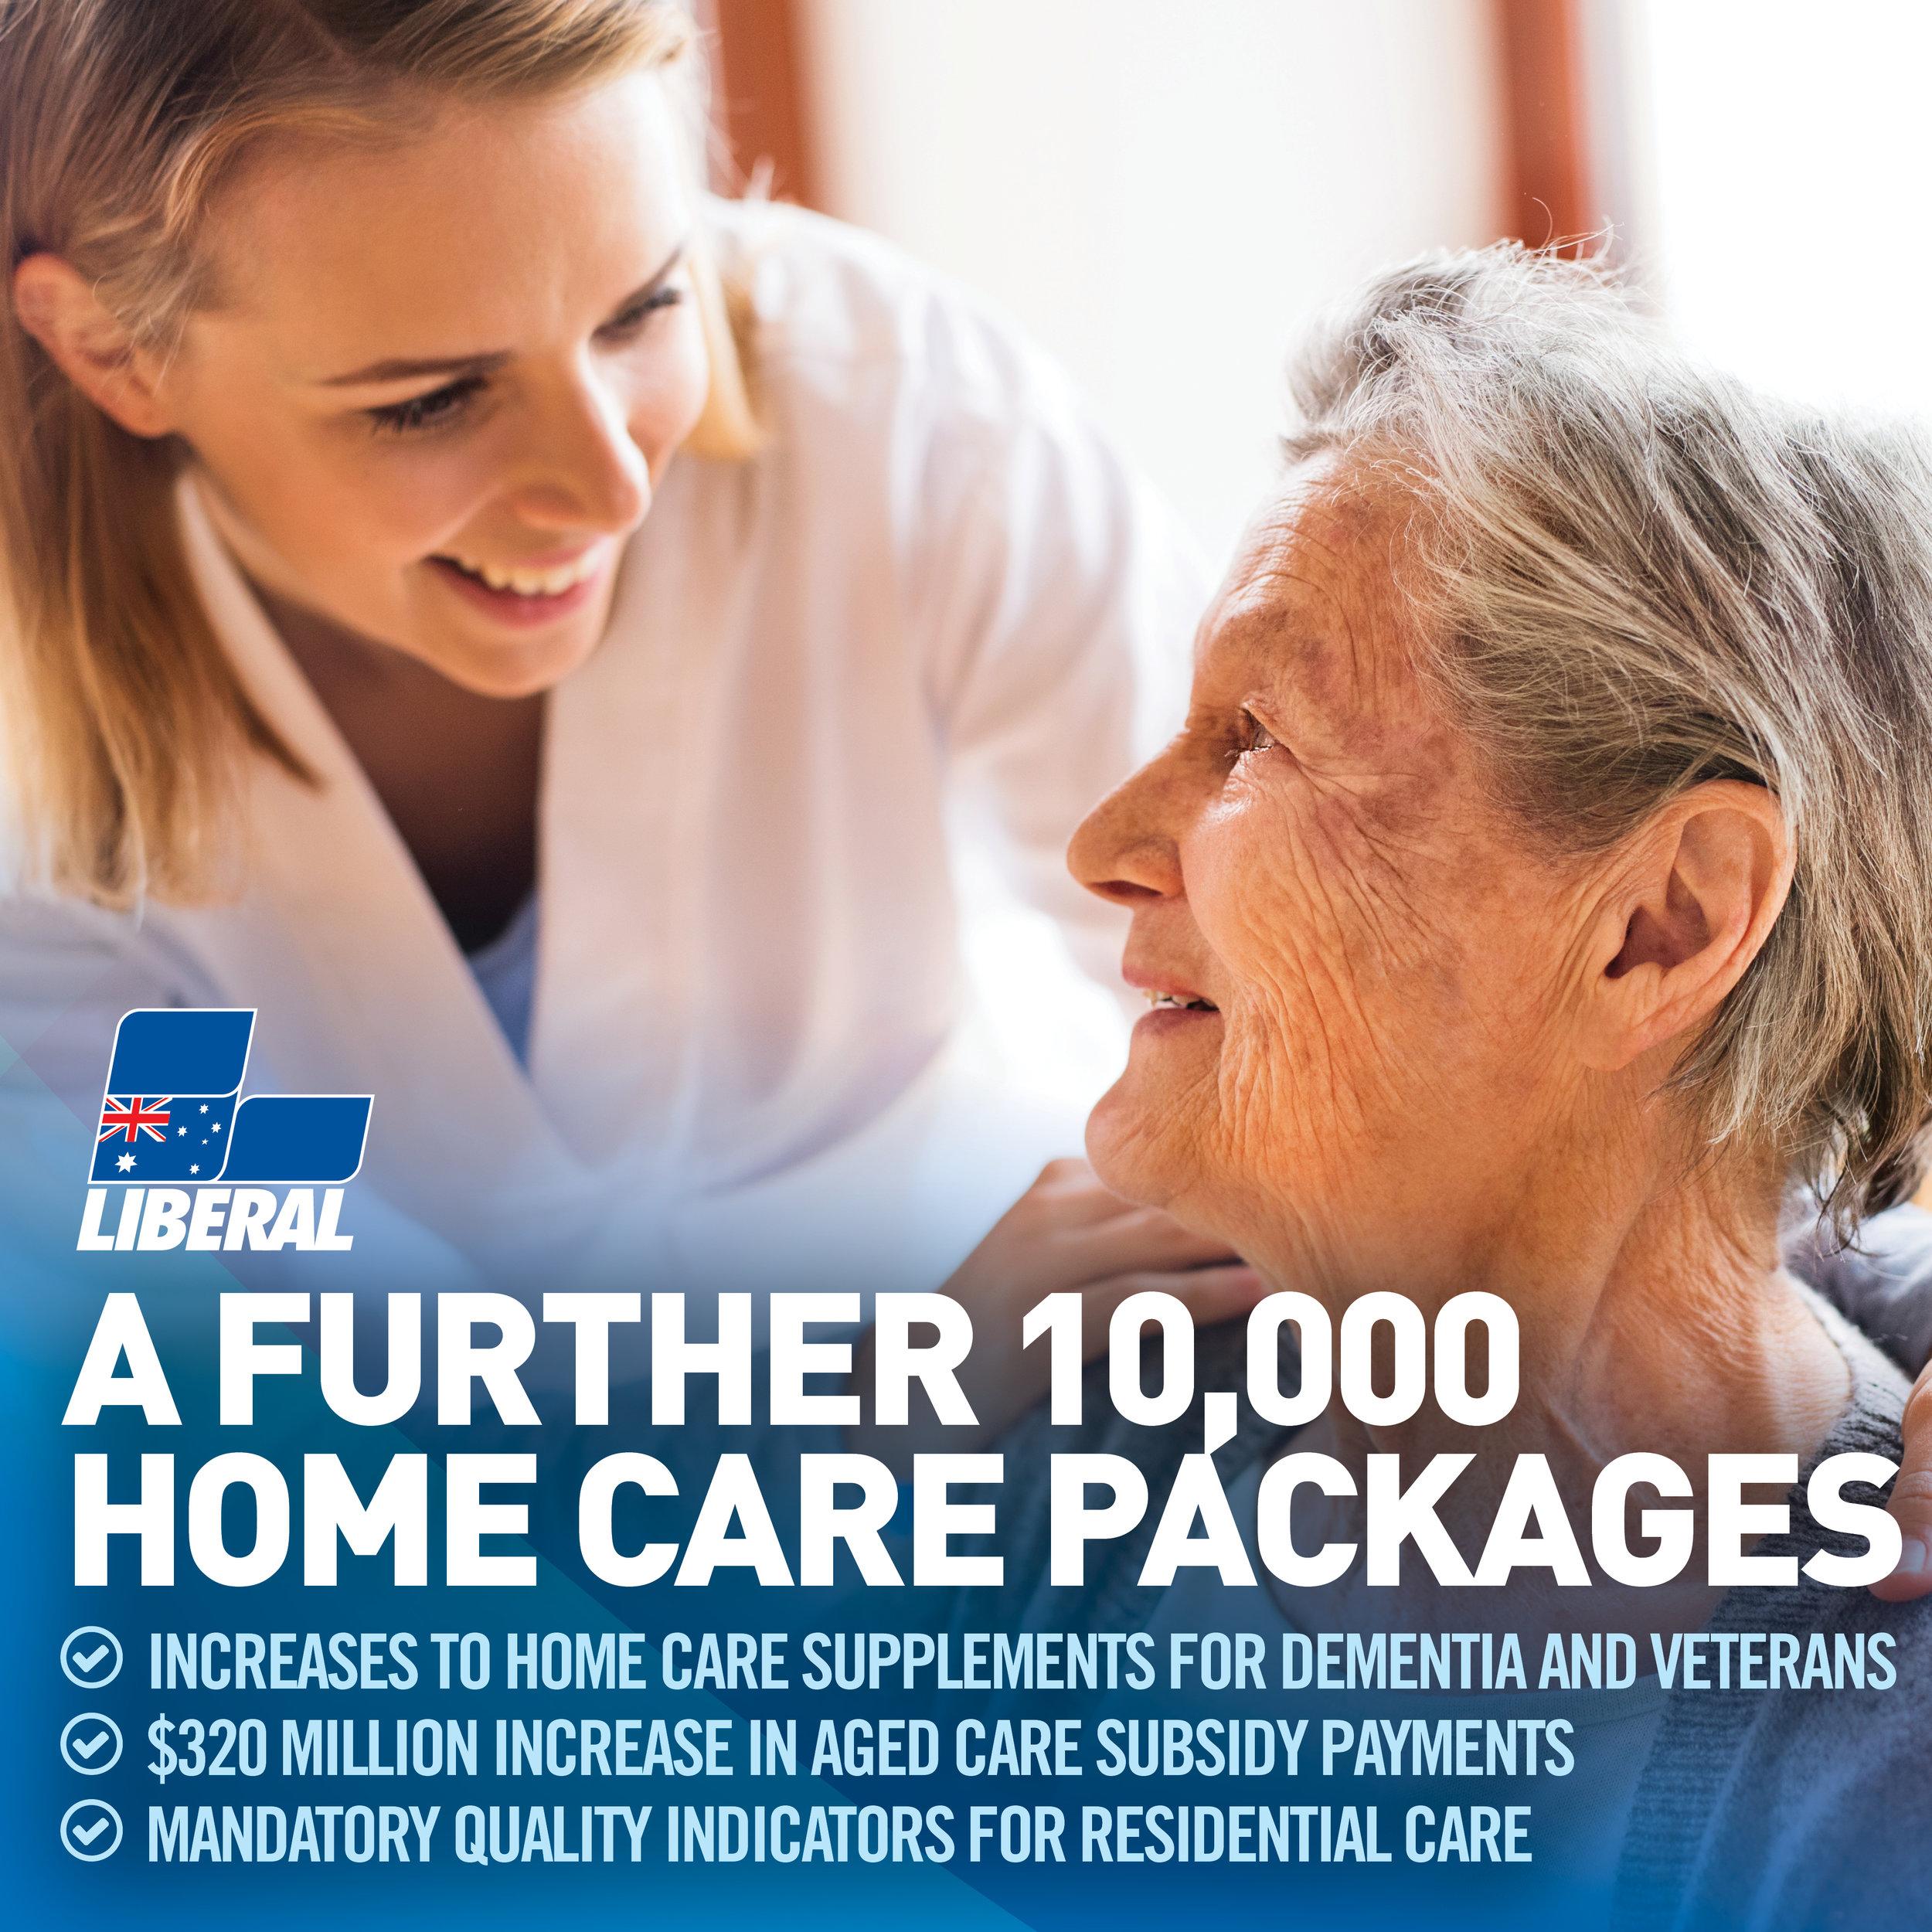 WyattK_Homecare Package Tile.jpg